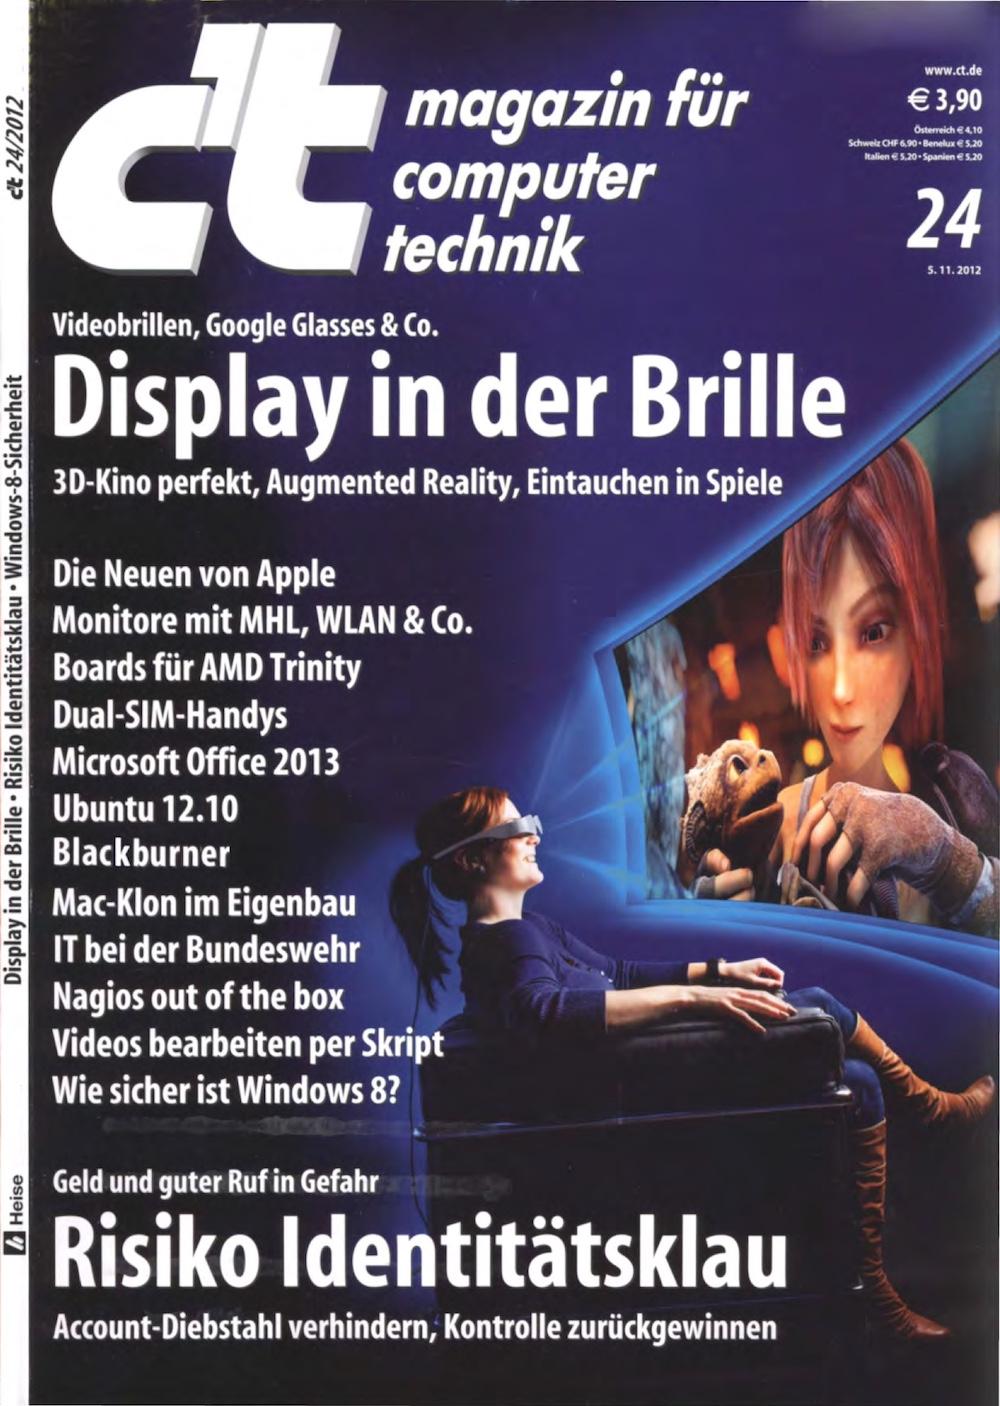 c't Magazin 2012-24